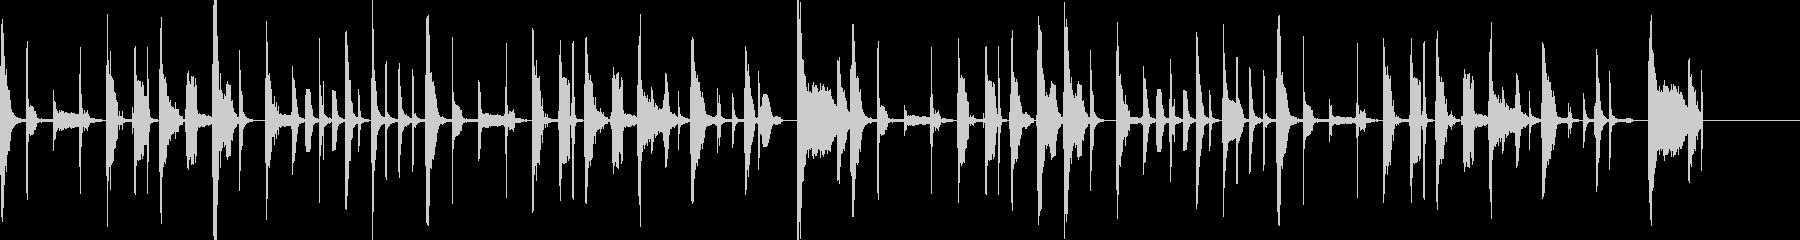 コミカル・脱力系のBGM  ボイパ等の未再生の波形